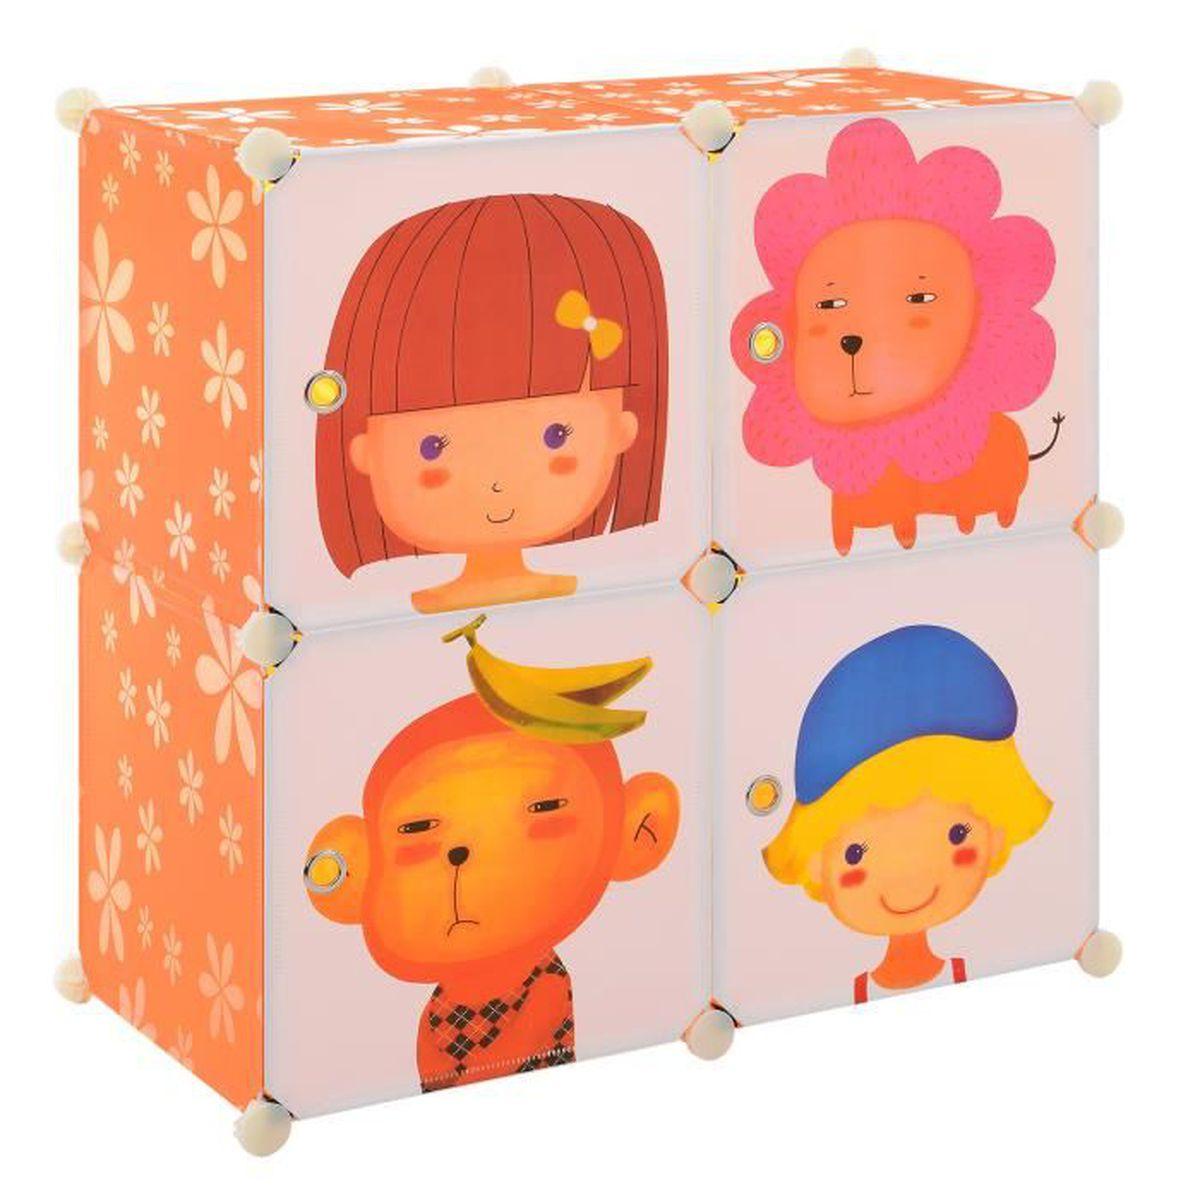 Meuble etagere enfant achat vente meuble etagere - Meuble etagere enfant ...